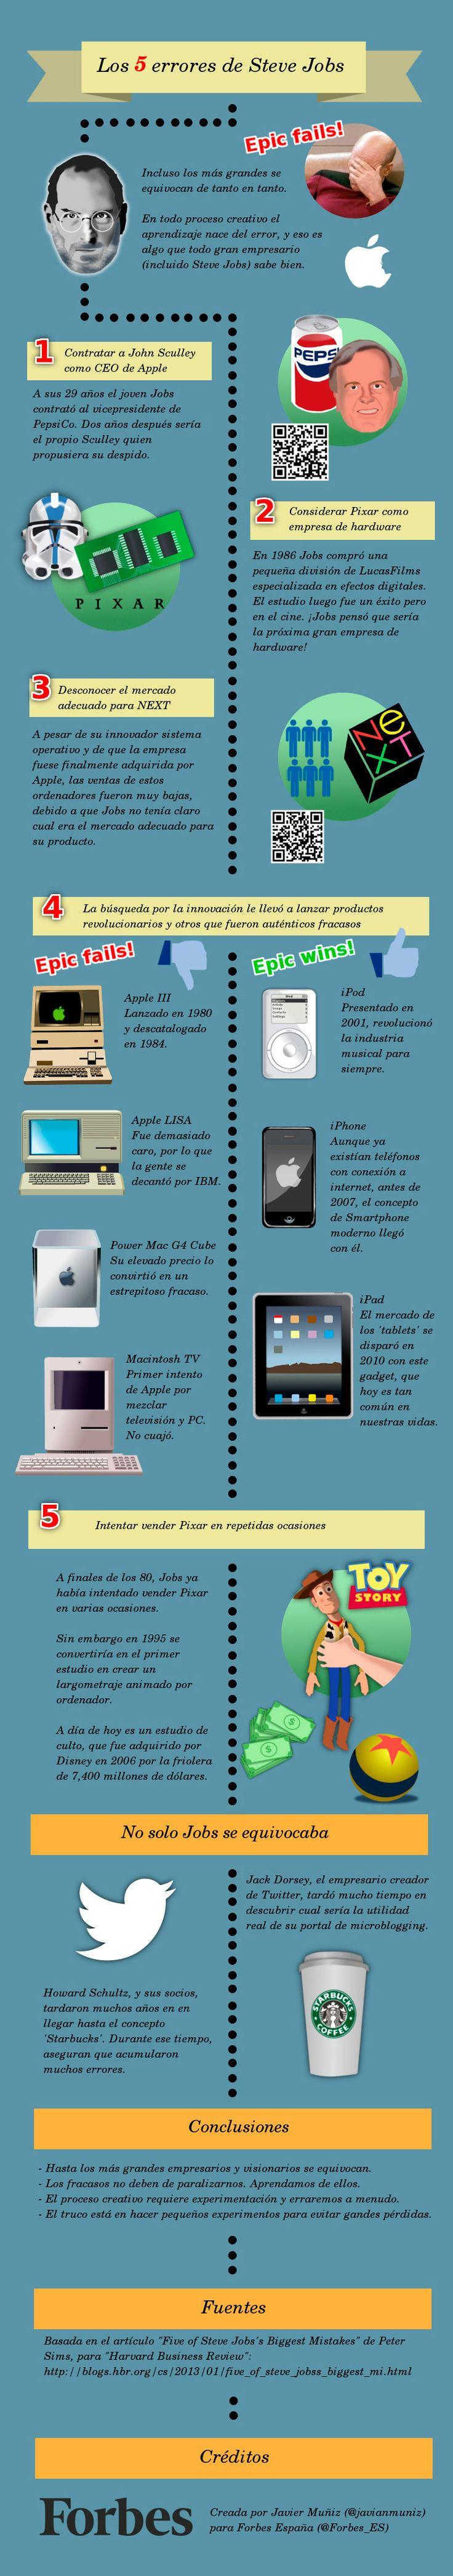 Los 5 errores de Steve Jobs #infografia